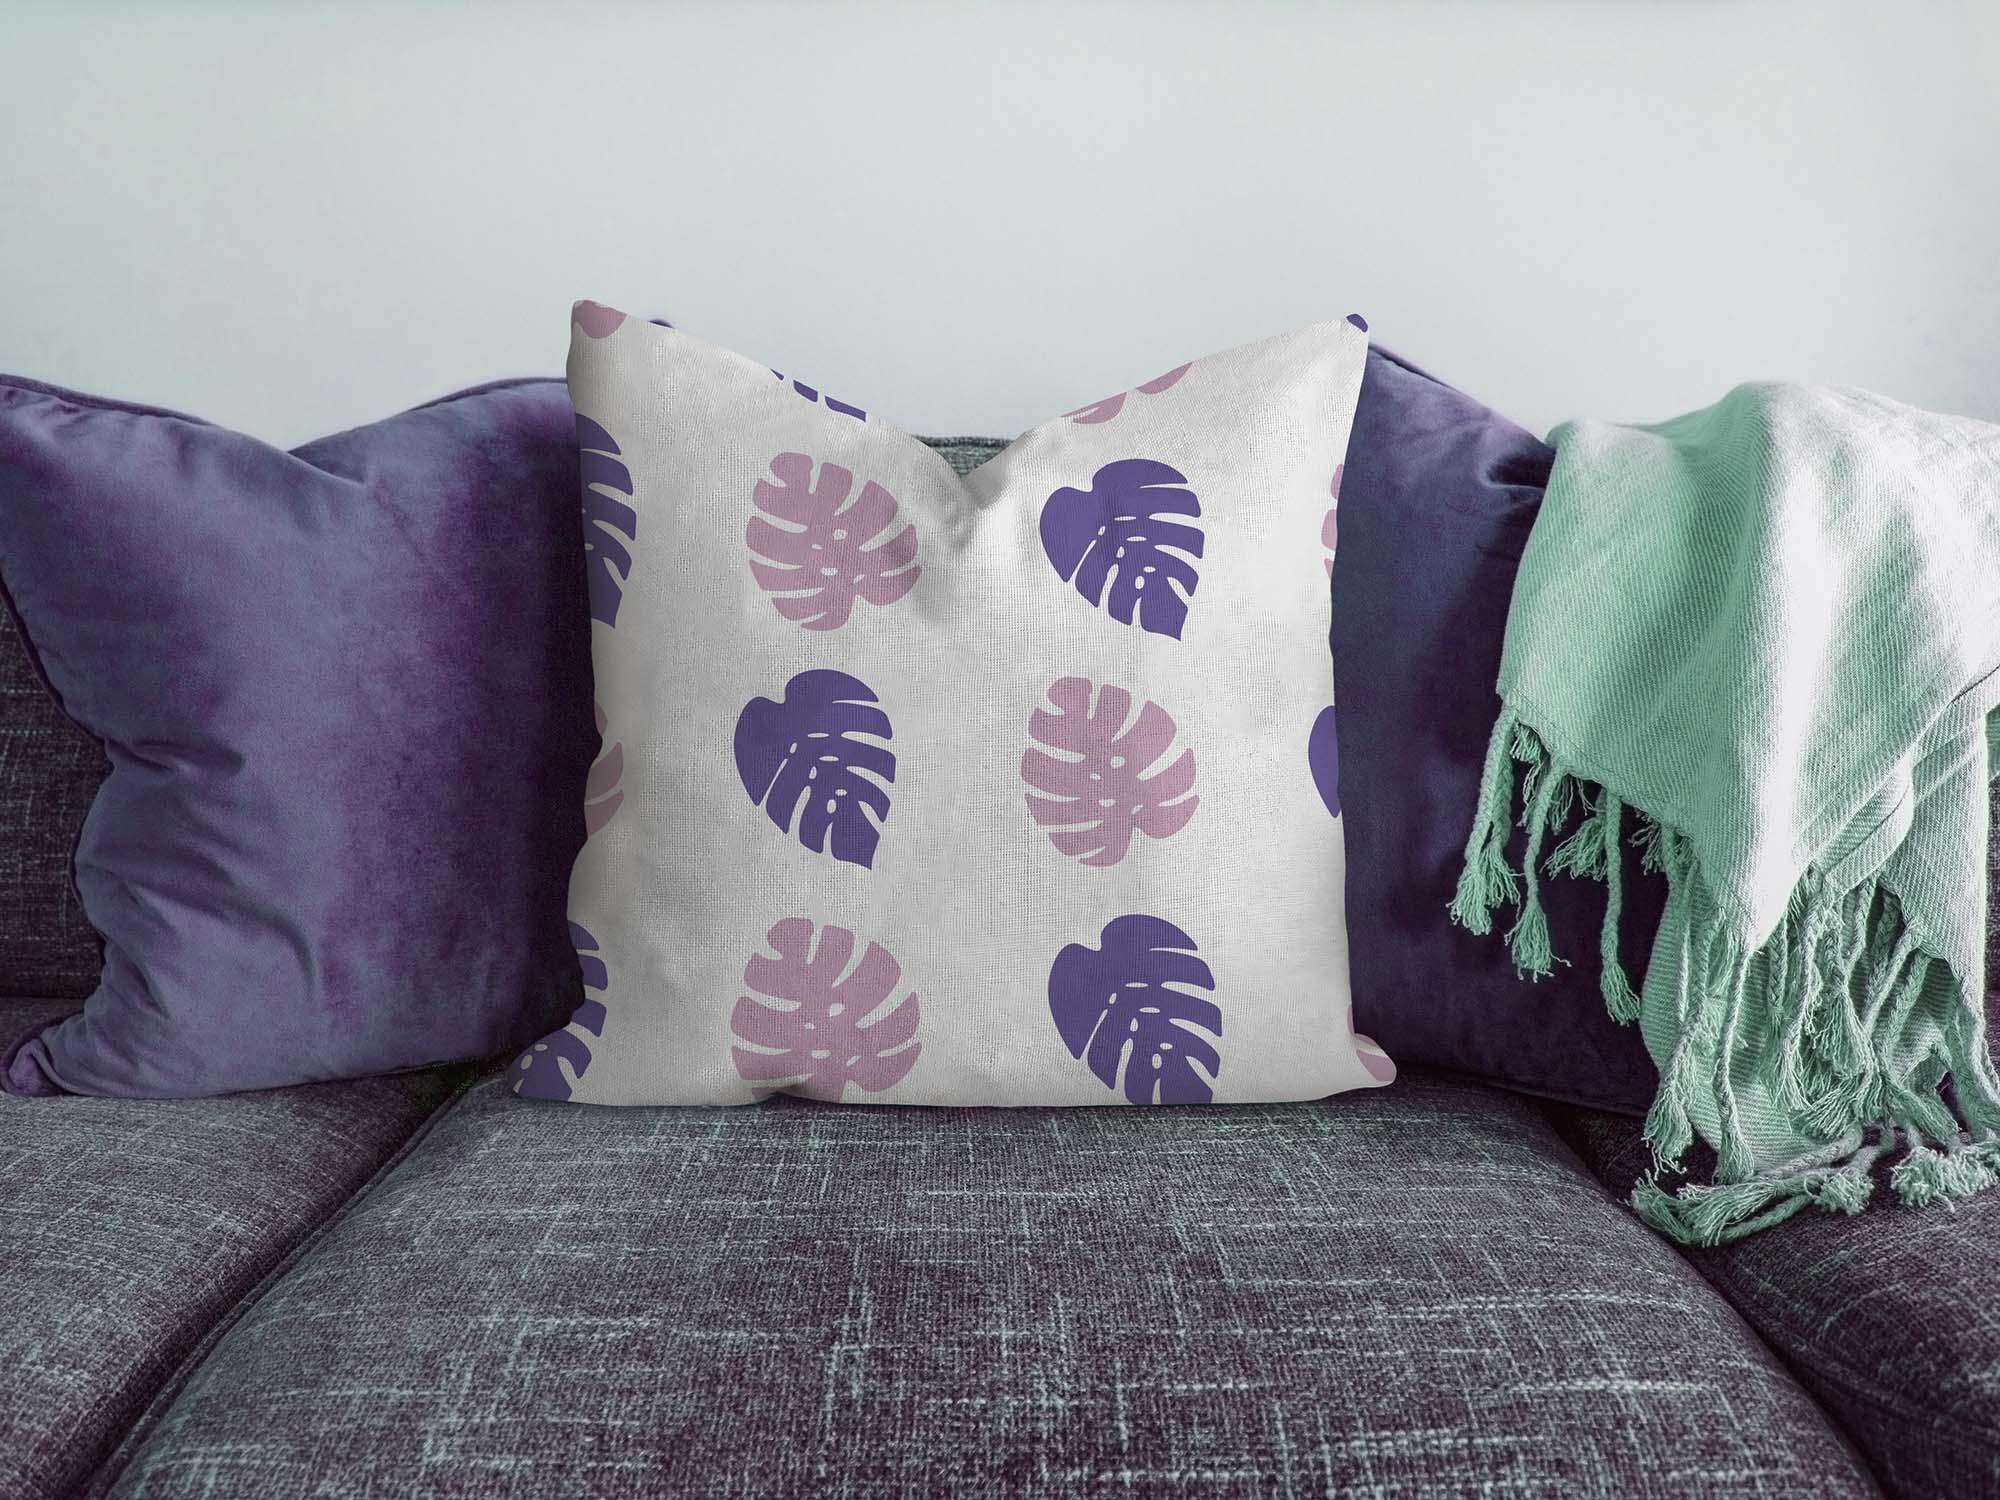 Pillow on Sofa Mockup 1